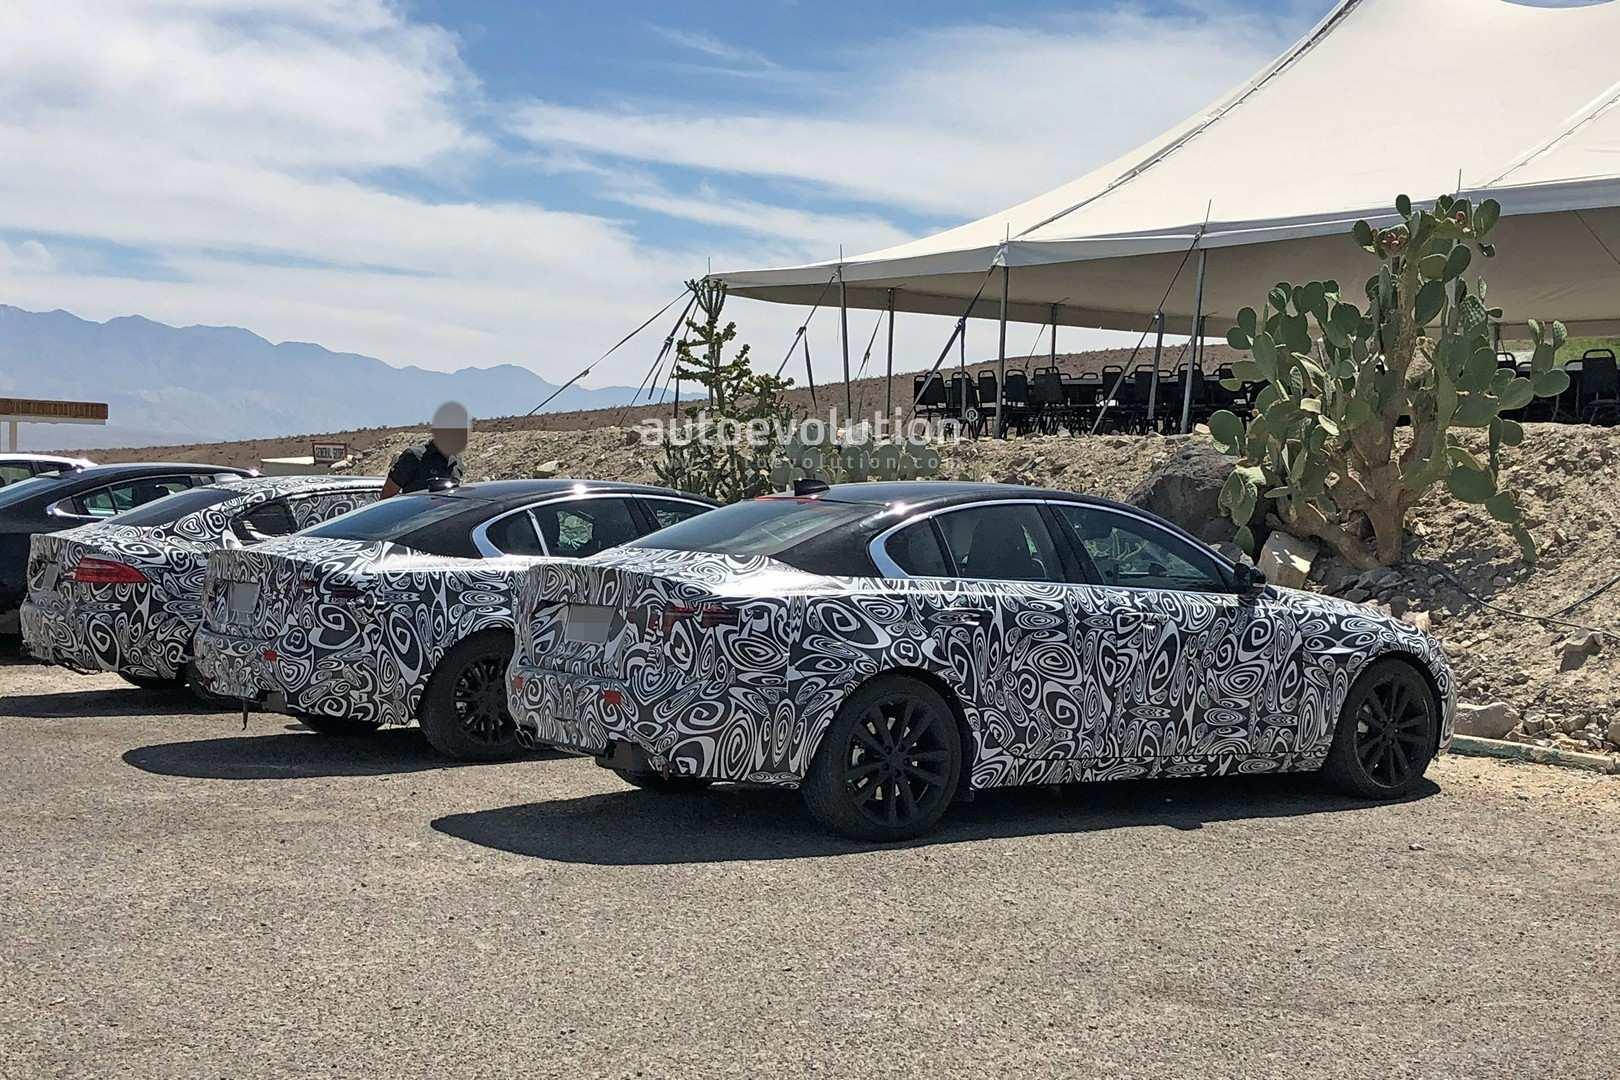 86 New Jaguar Xf Facelift 2020 Specs by Jaguar Xf Facelift 2020